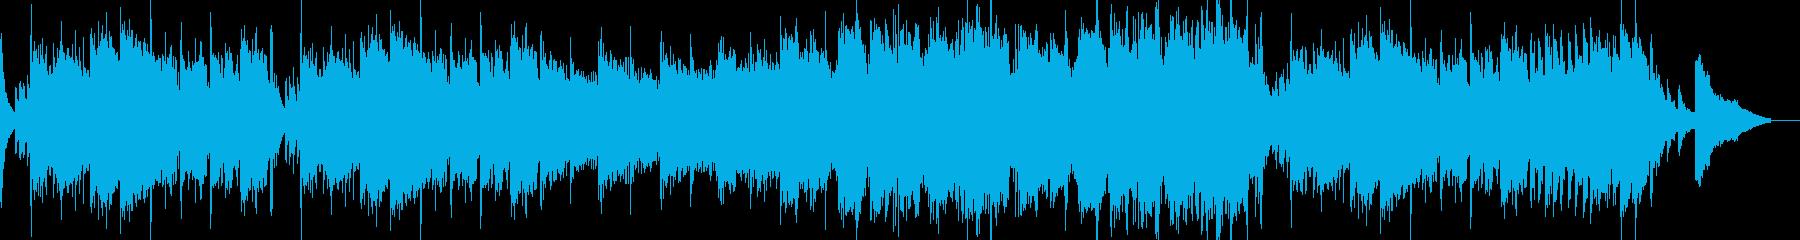 和風オーケストラ時代劇風の再生済みの波形